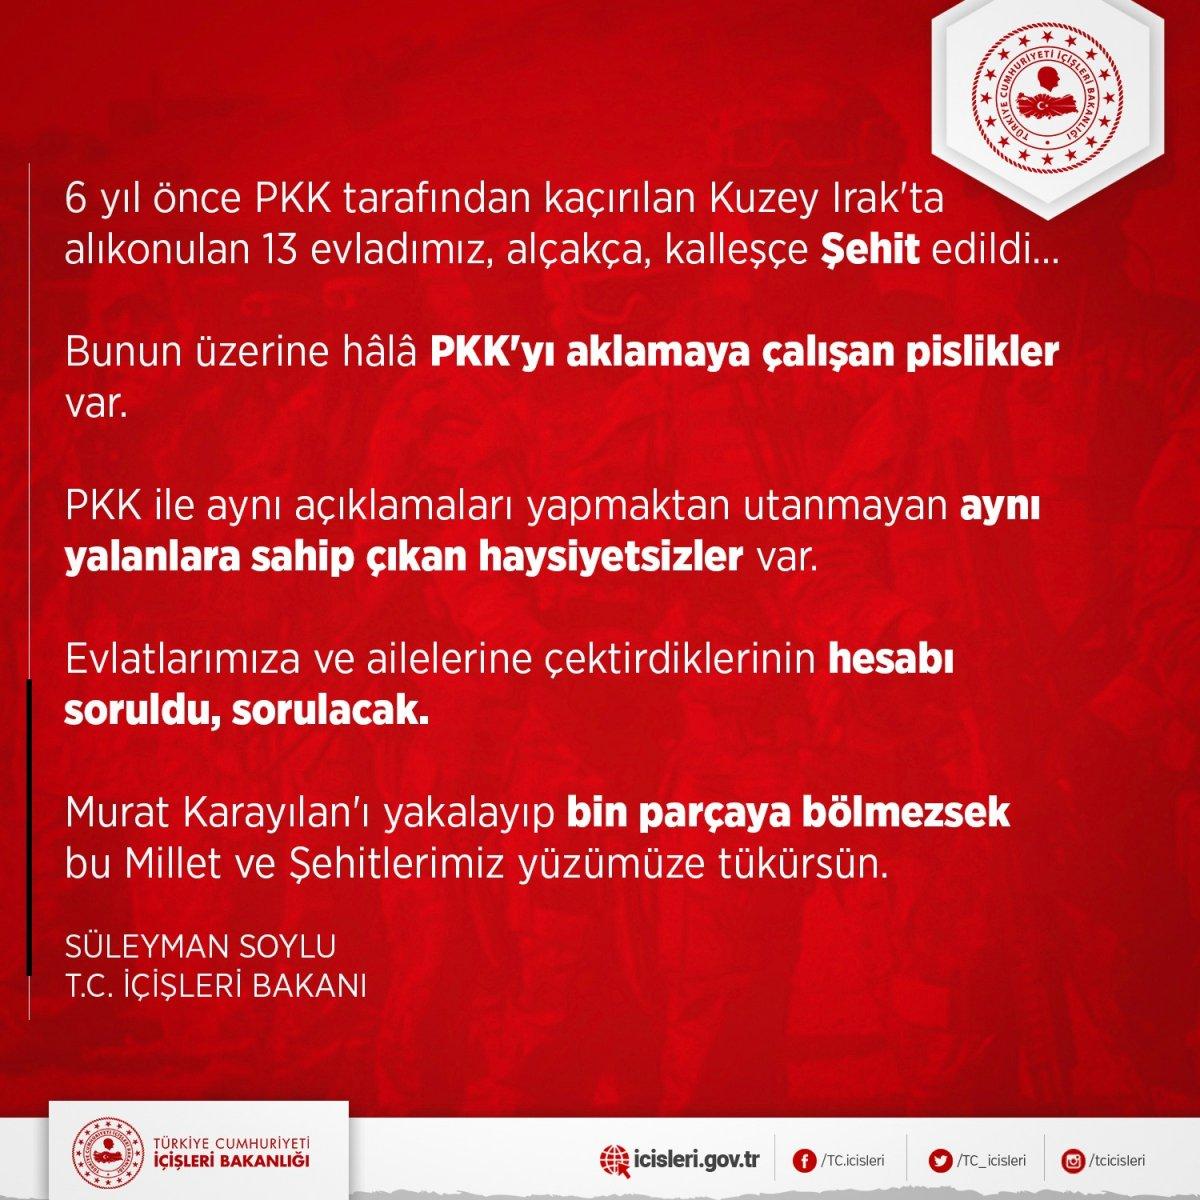 Süleyman Soylu: Karayılan'ı yakalayıp bin parçaya bölmezsek şehitlerimiz yüzümüze tükürsün #1